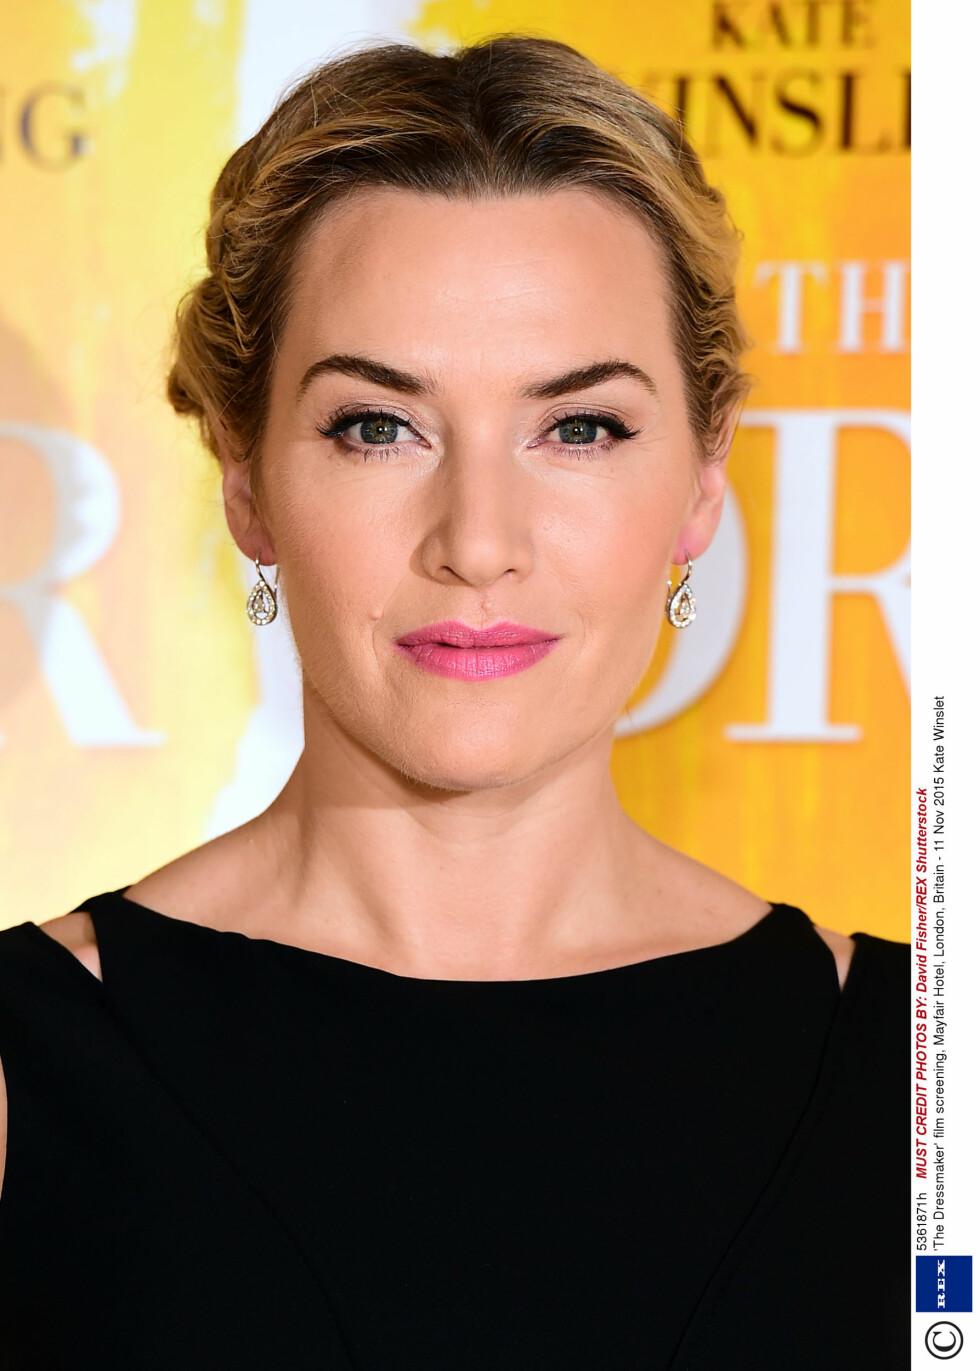 VAKKER: Kate Winslet ser like flott ut som hun gjorde i storfilmen Titanic! Foto: Rex Features